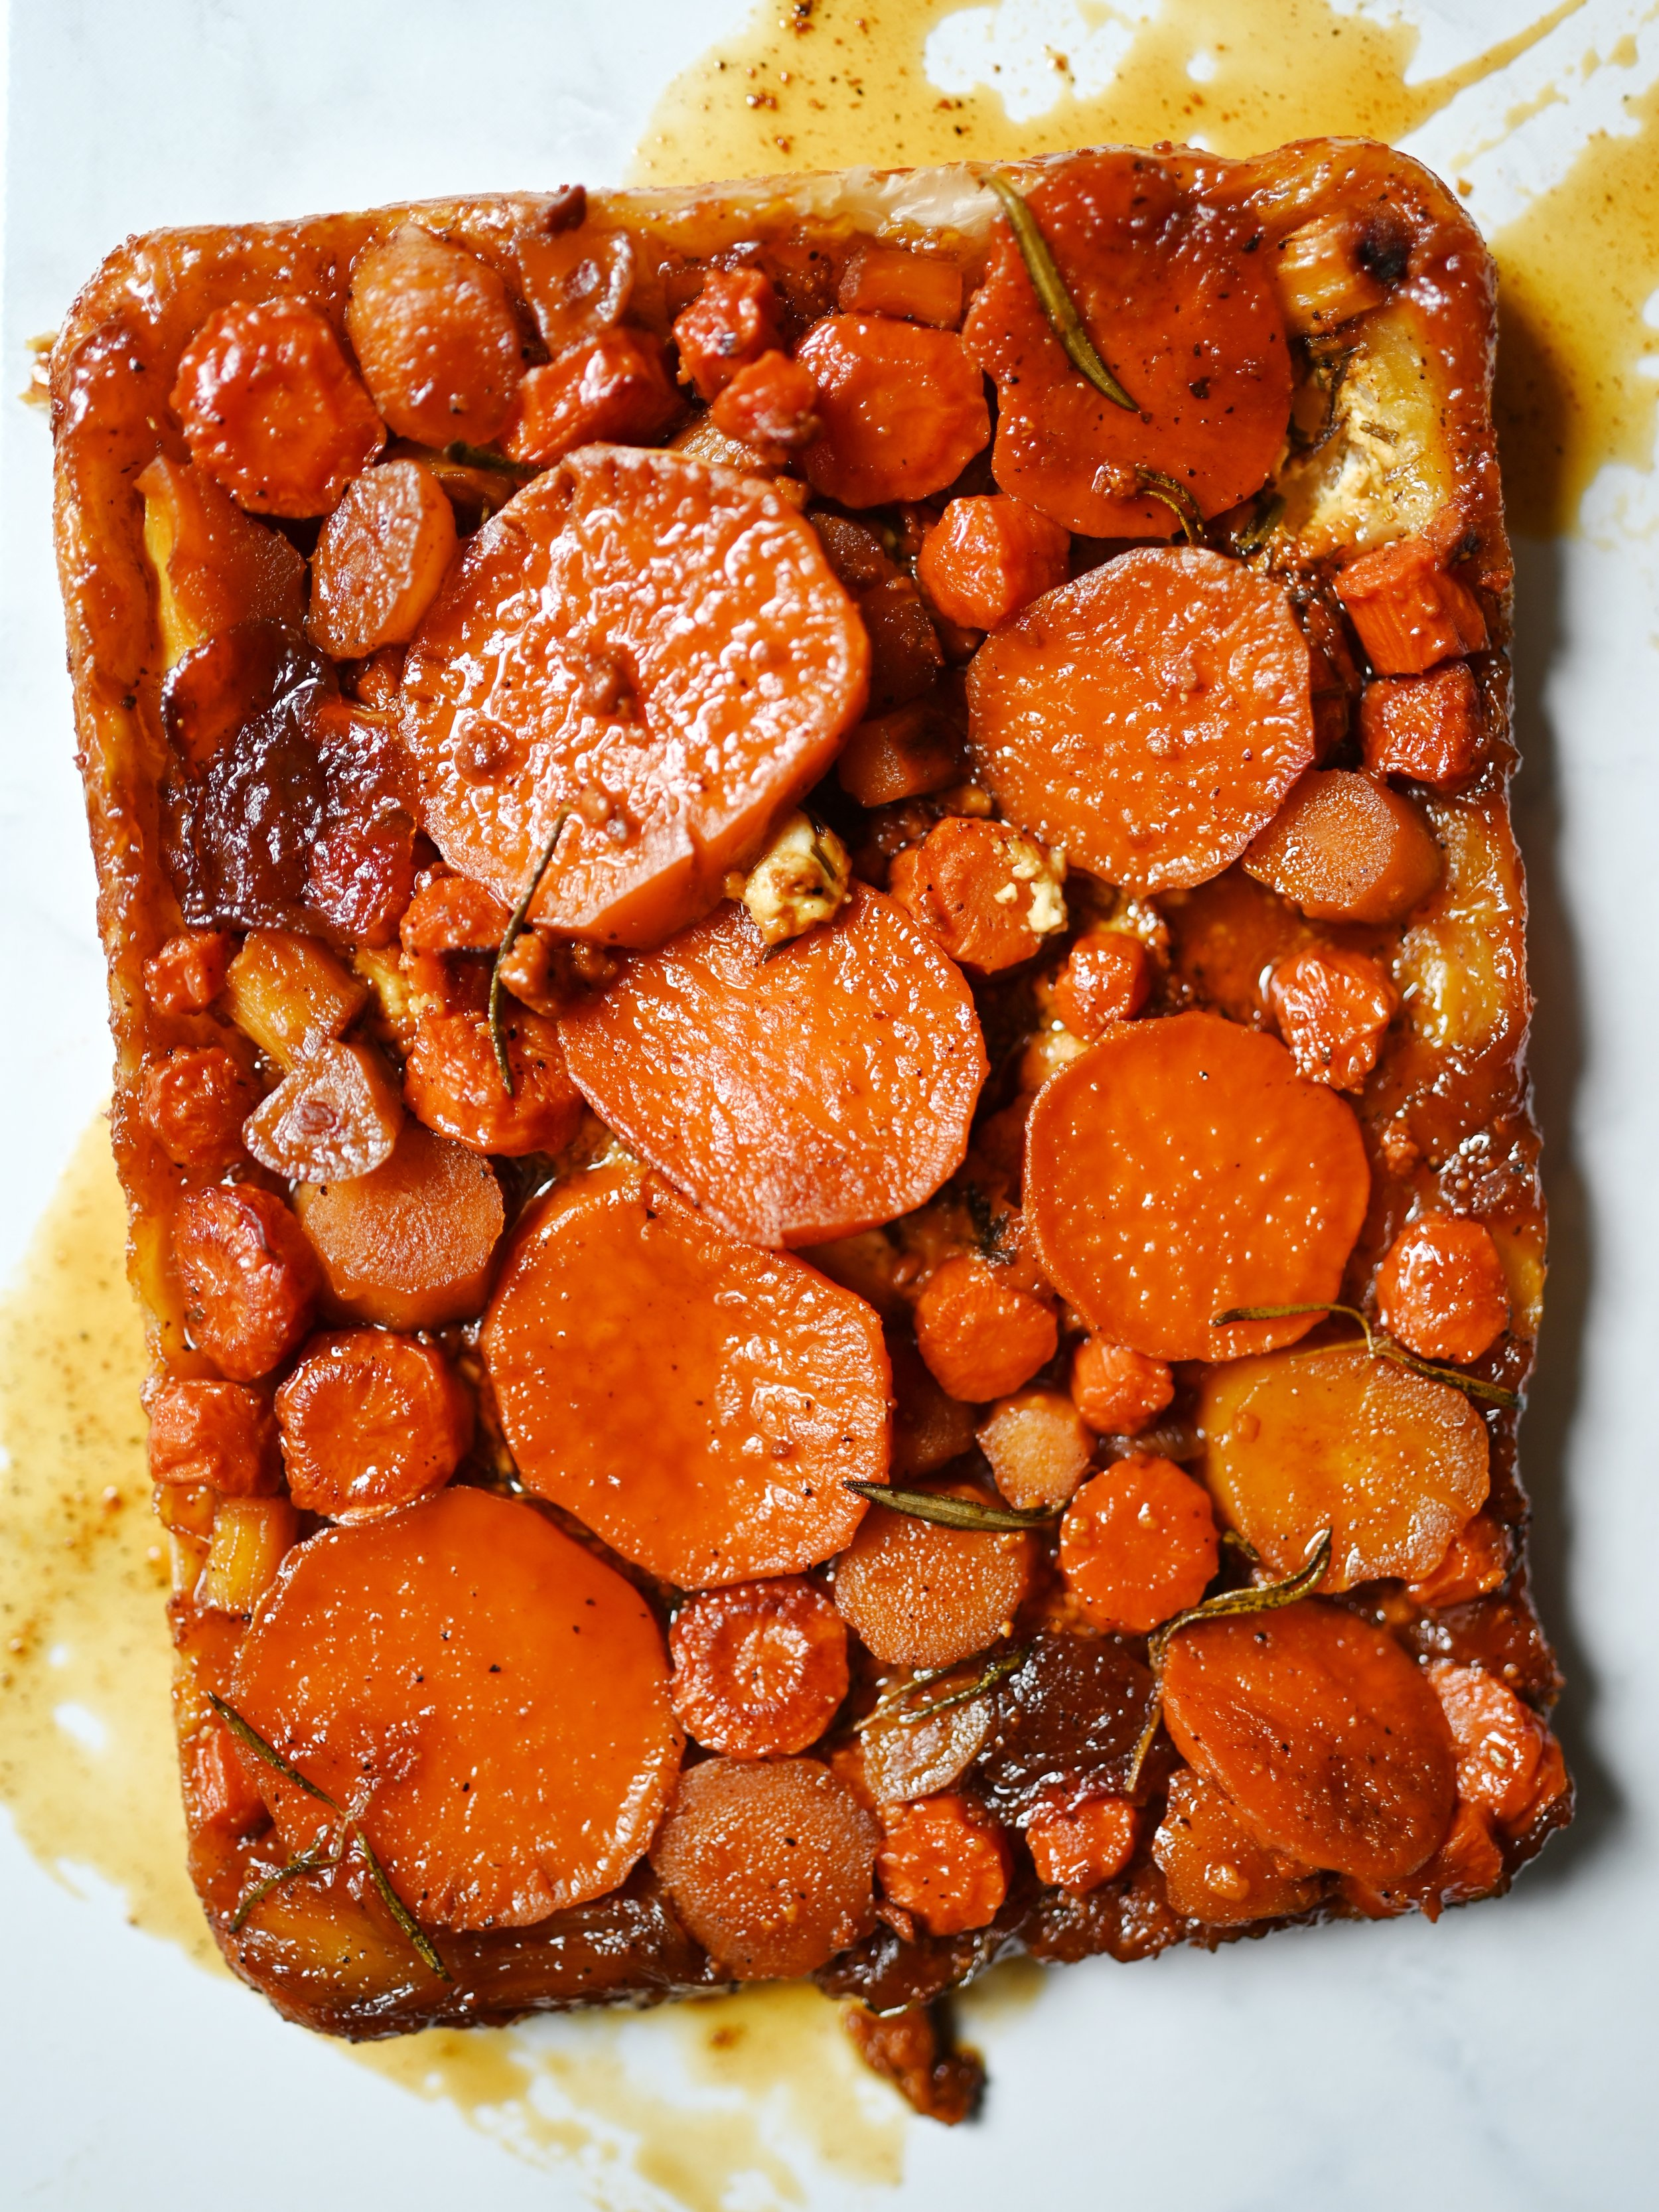 Caramelized Winter Root Vegetable Tart